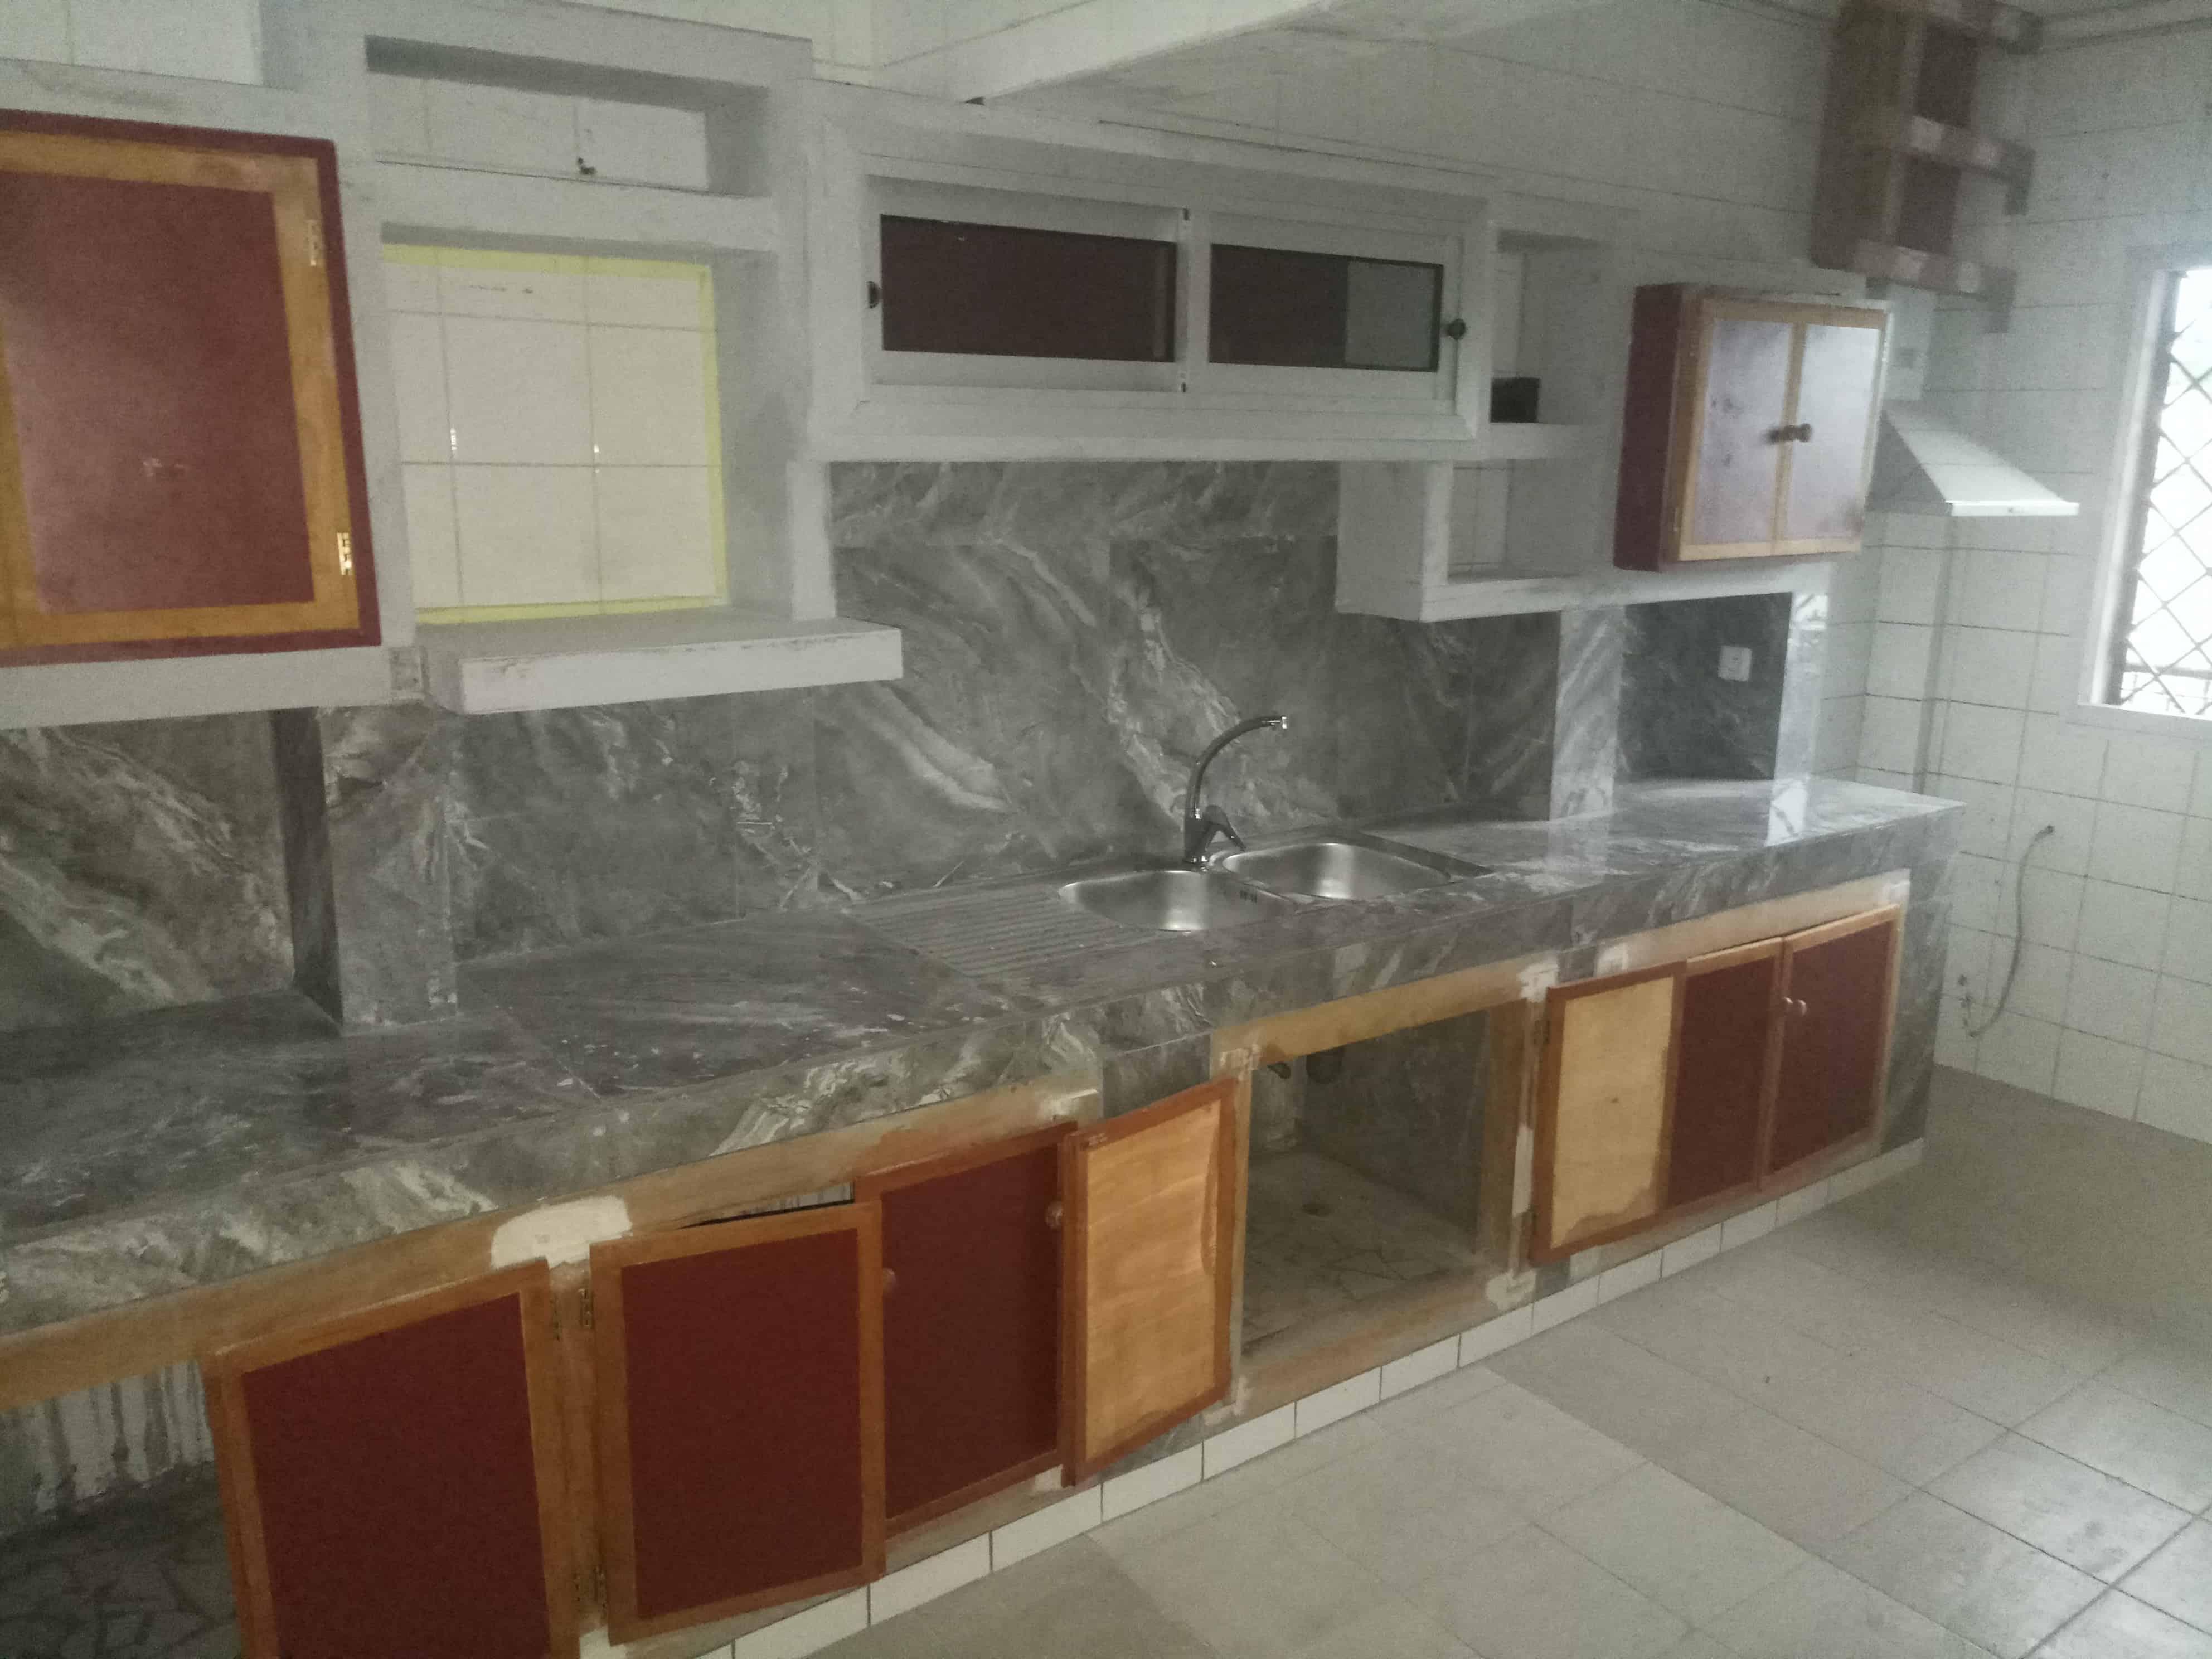 Appartement à louer - Douala, Bonanjo, Vallée des ministres - 1 salon(s), 3 chambre(s), 2 salle(s) de bains - 800 000 FCFA / mois